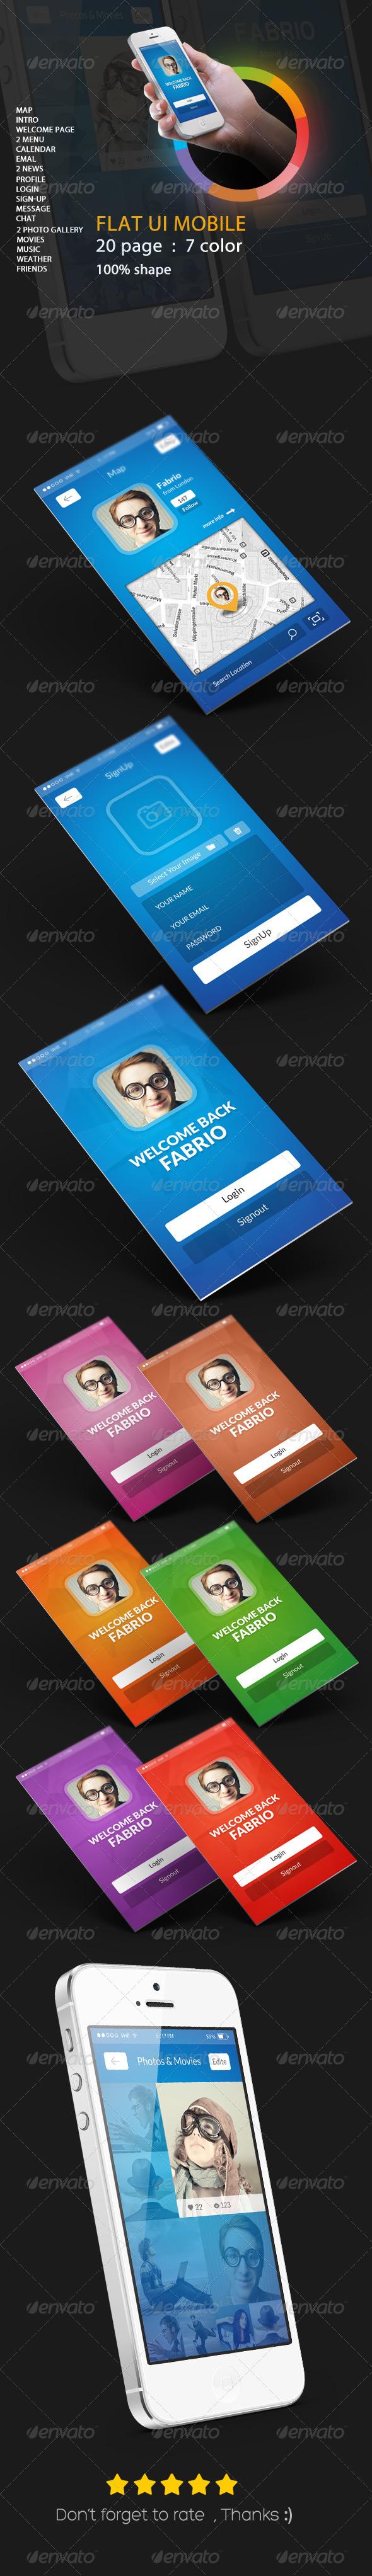 GraphicRiver UI Mobile Falt App 6474053